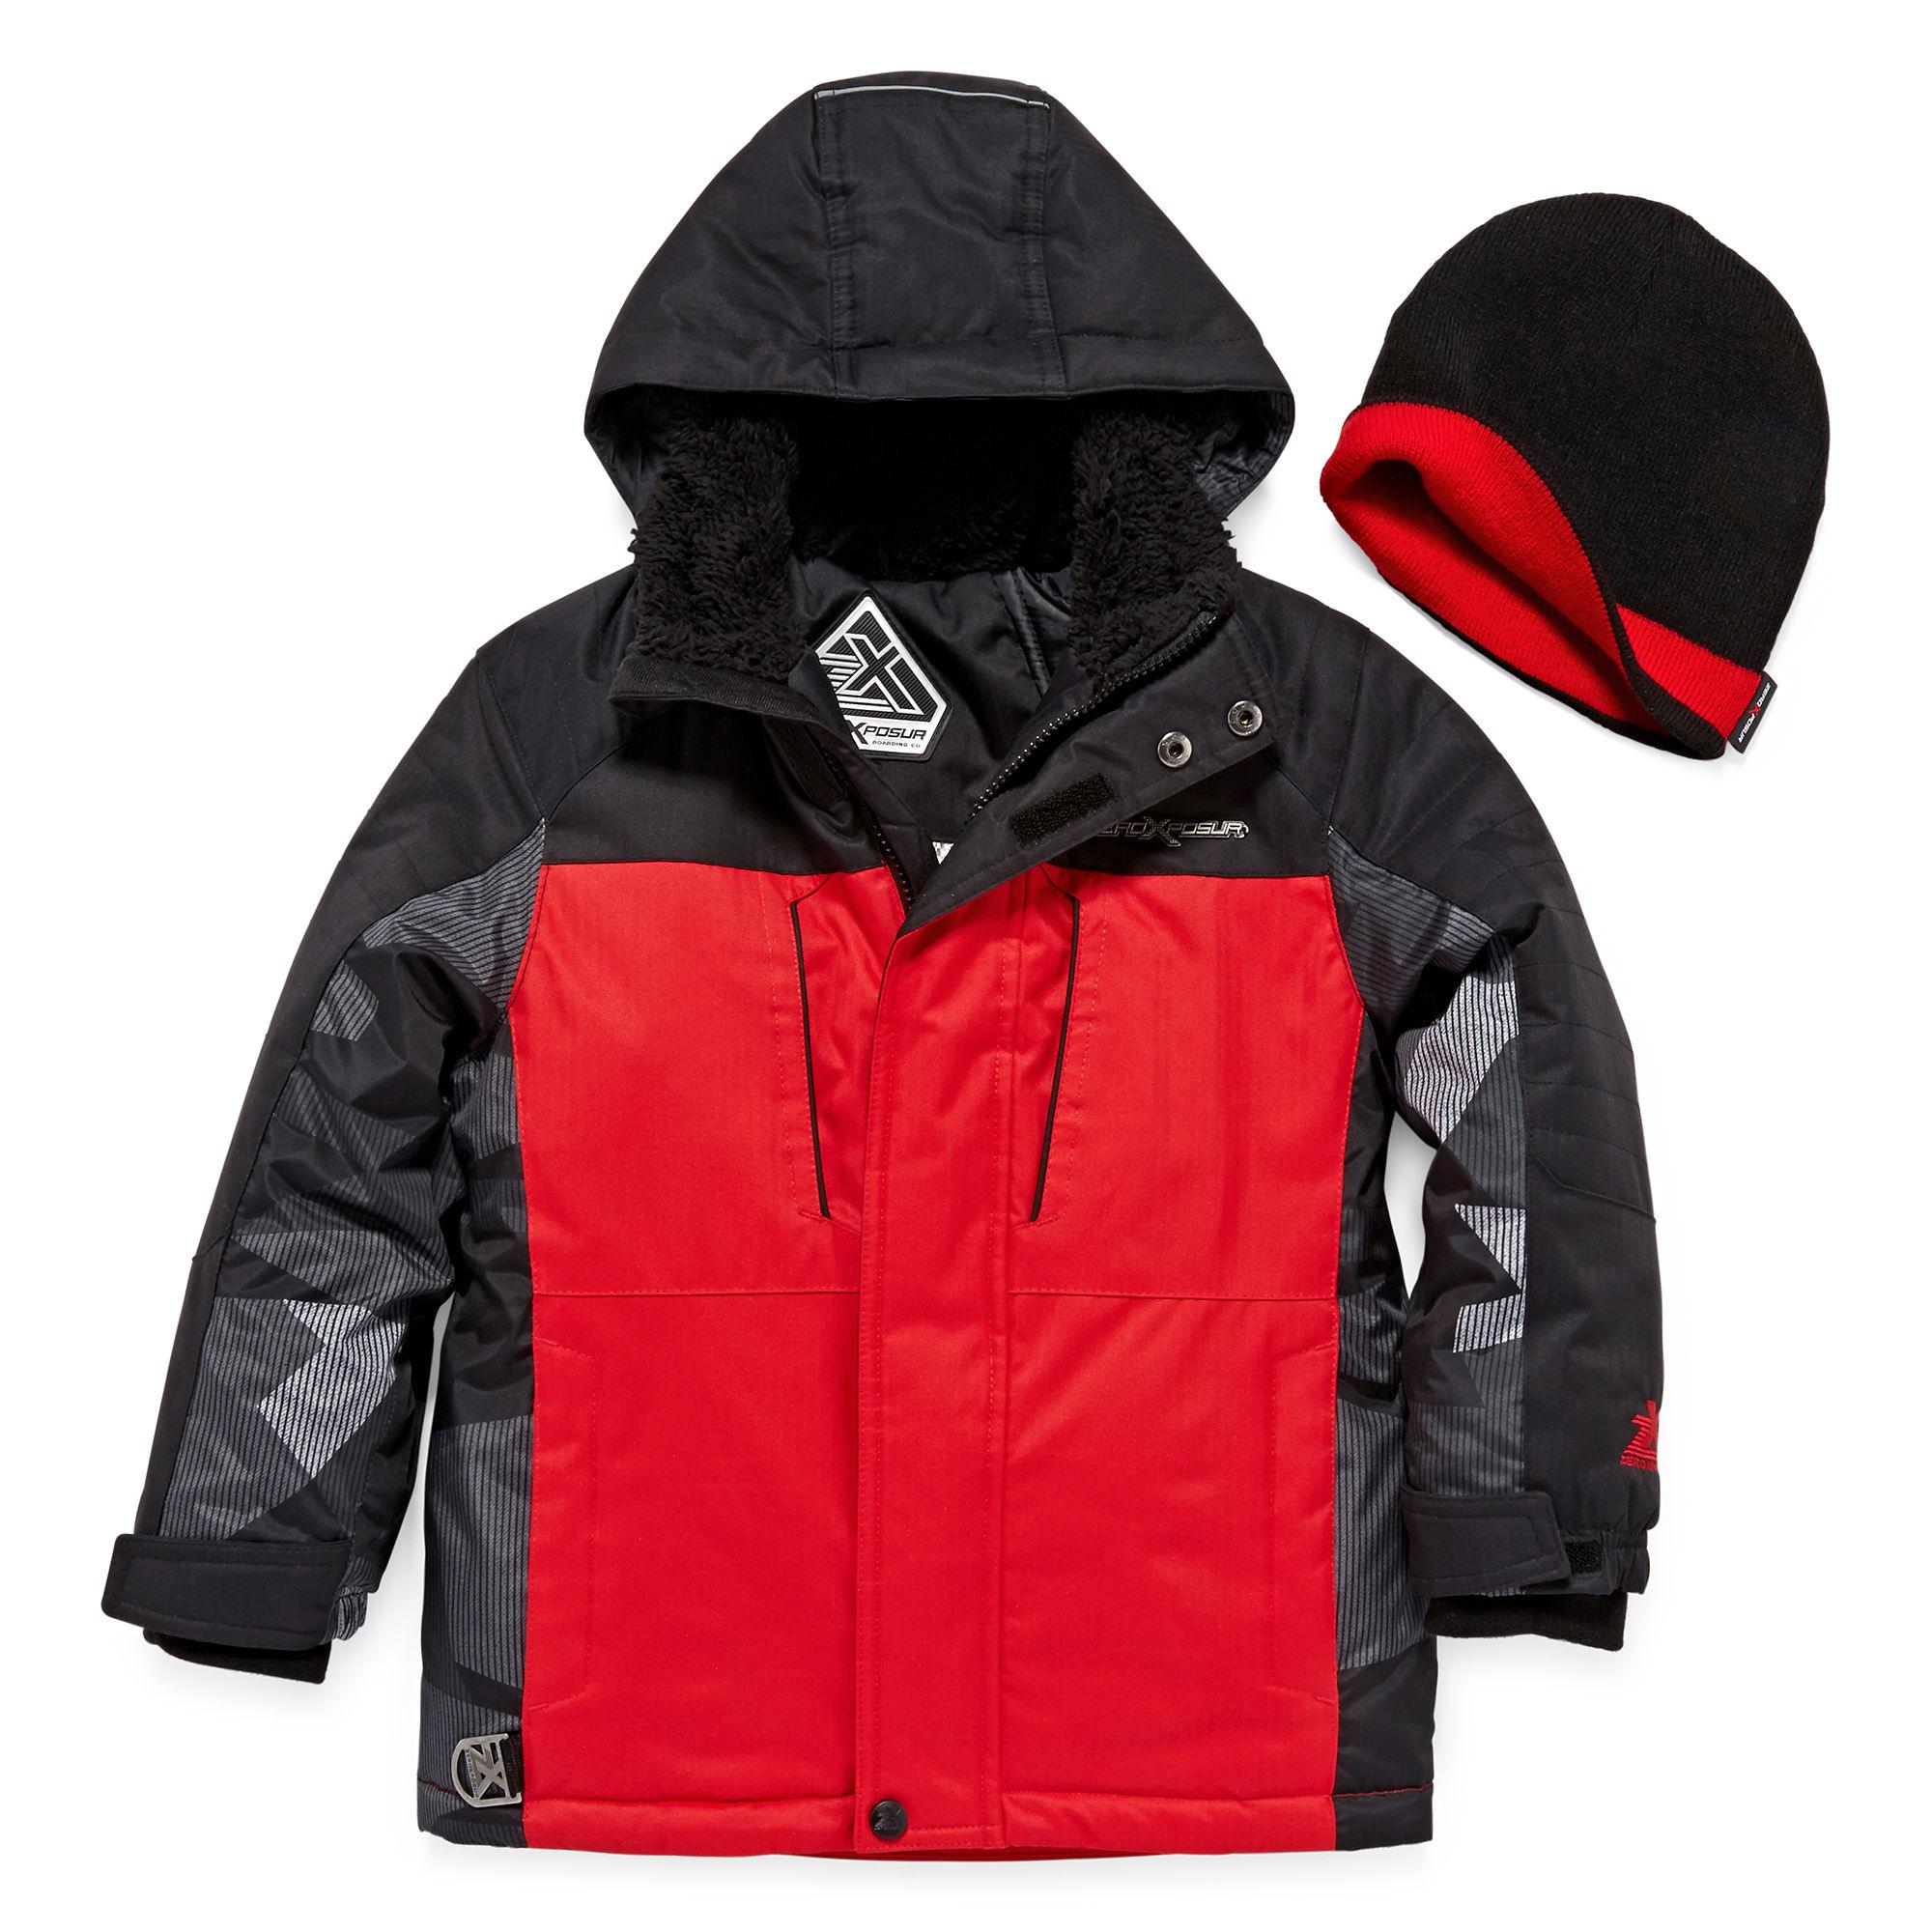 Zeroxposur 3 In 1 Jacket